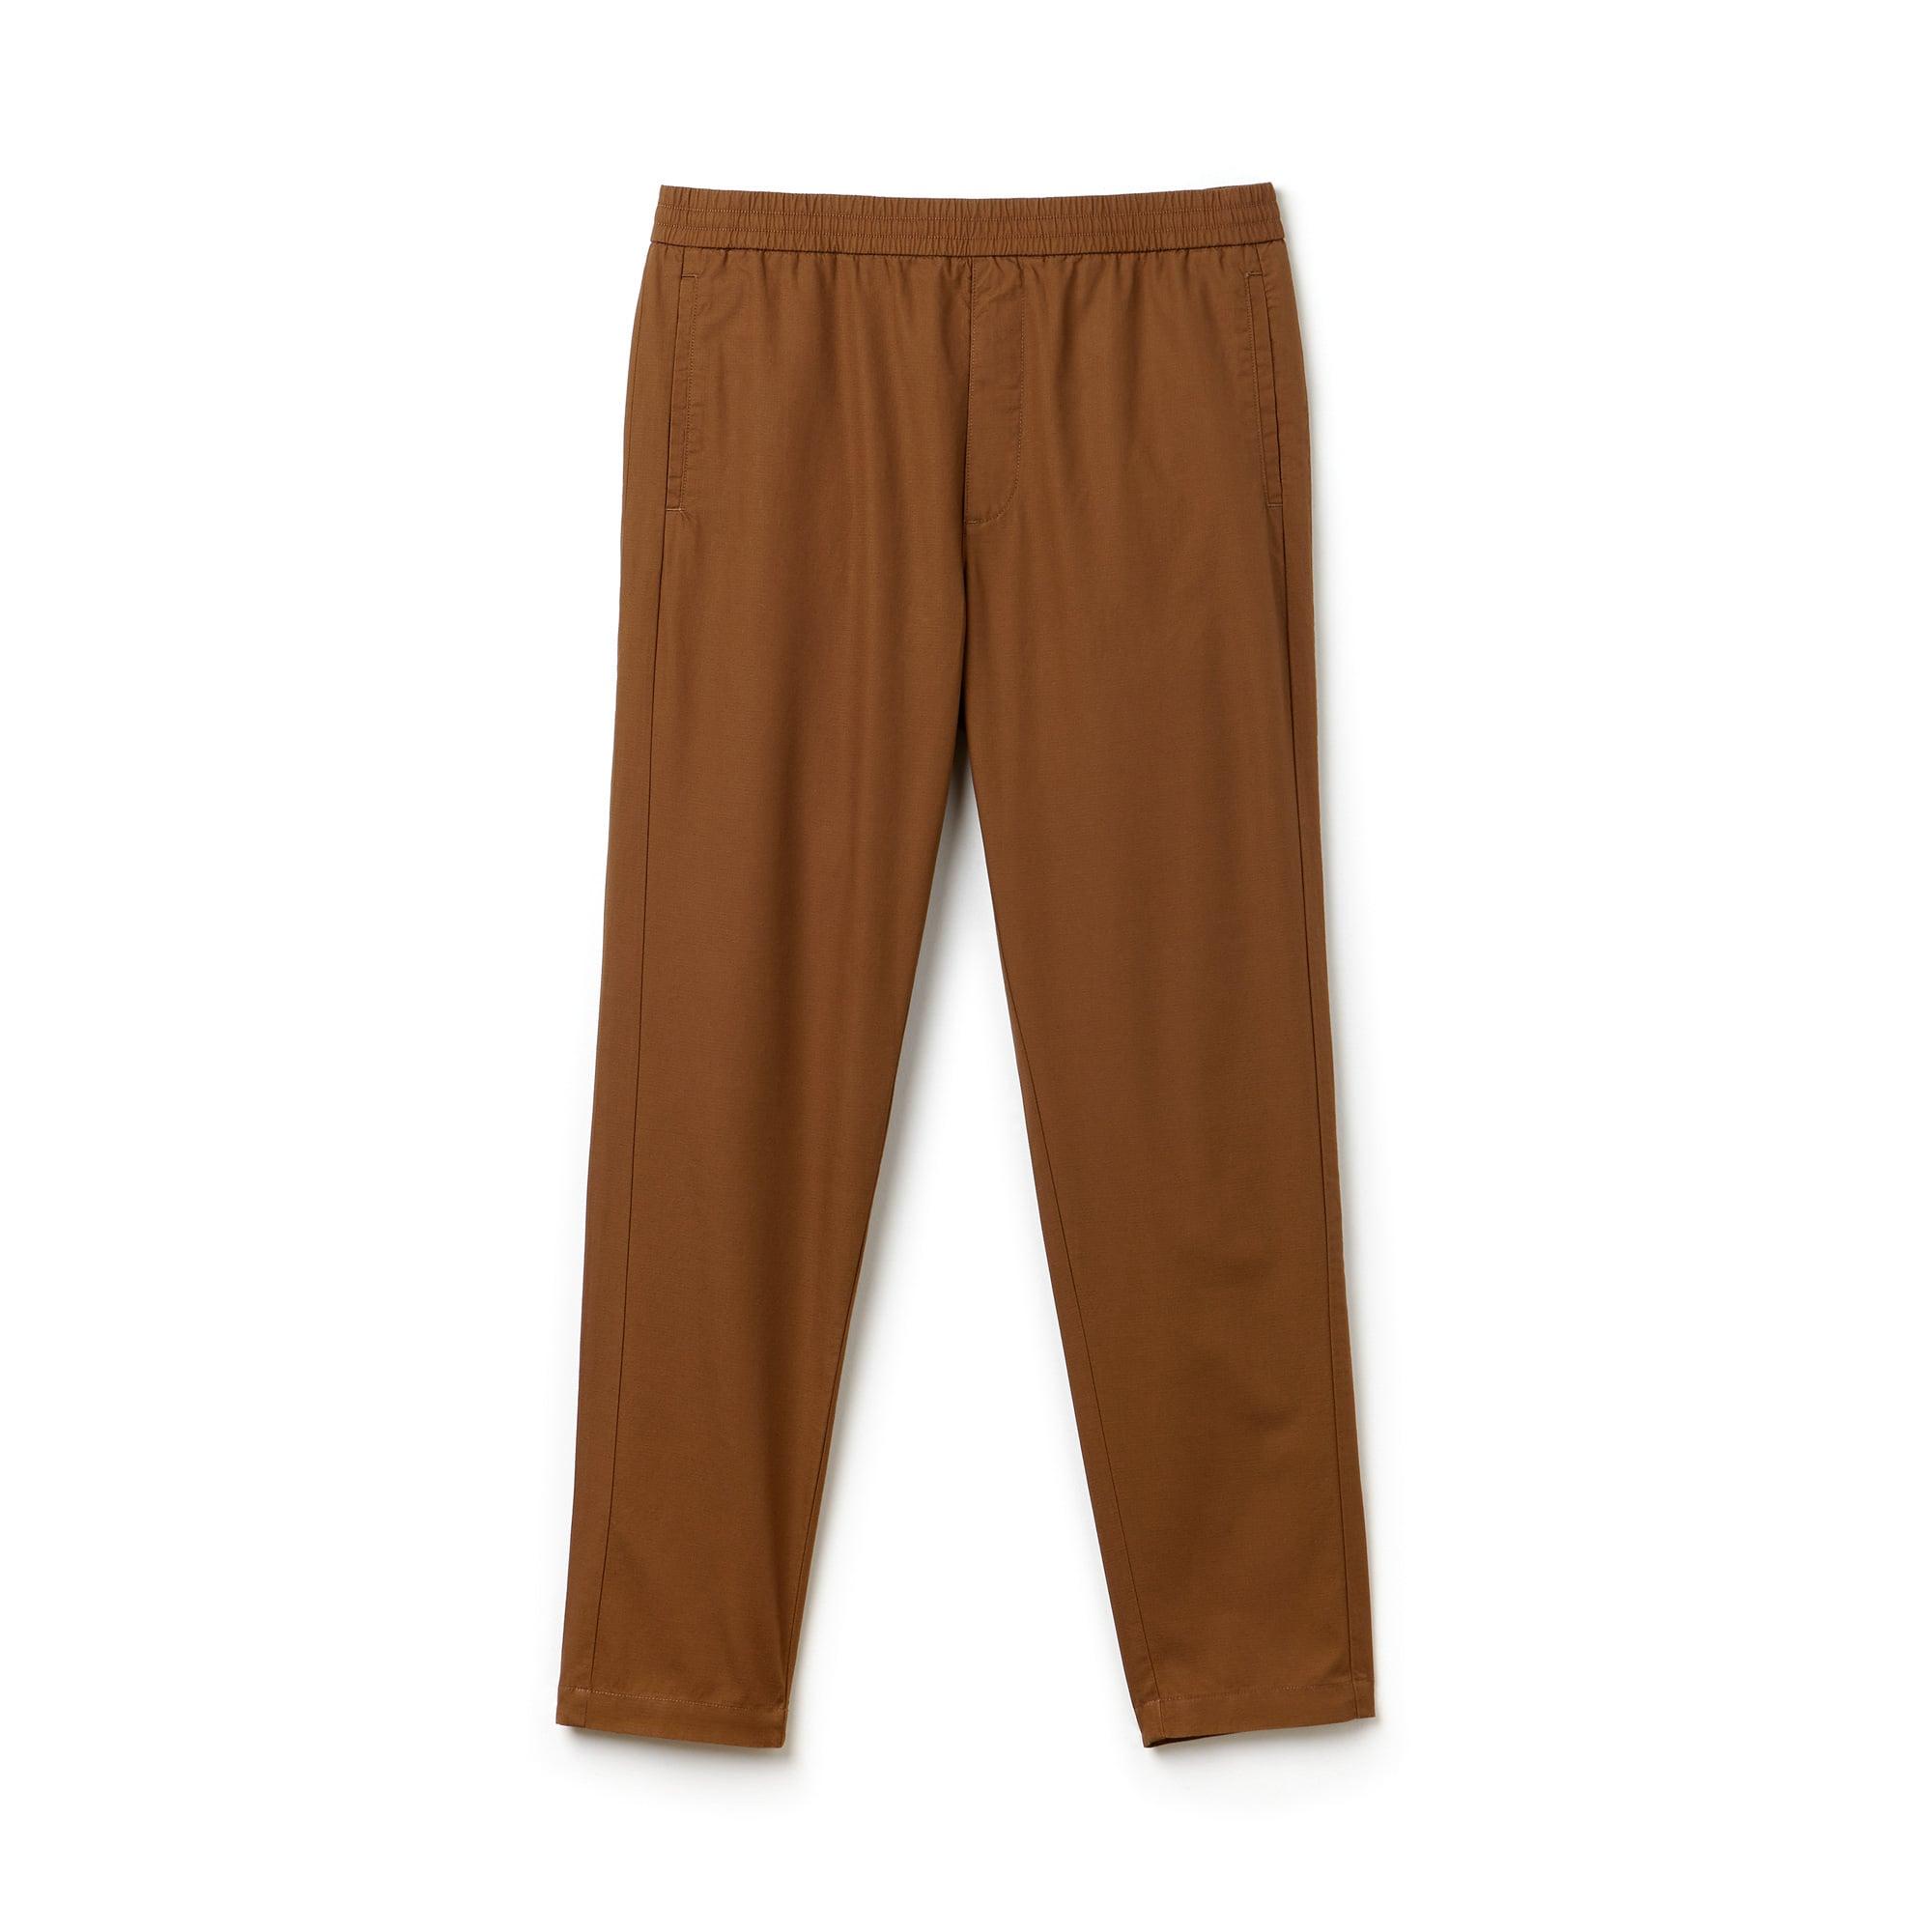 Pantaloni chino in cotone tecnico tinta unita